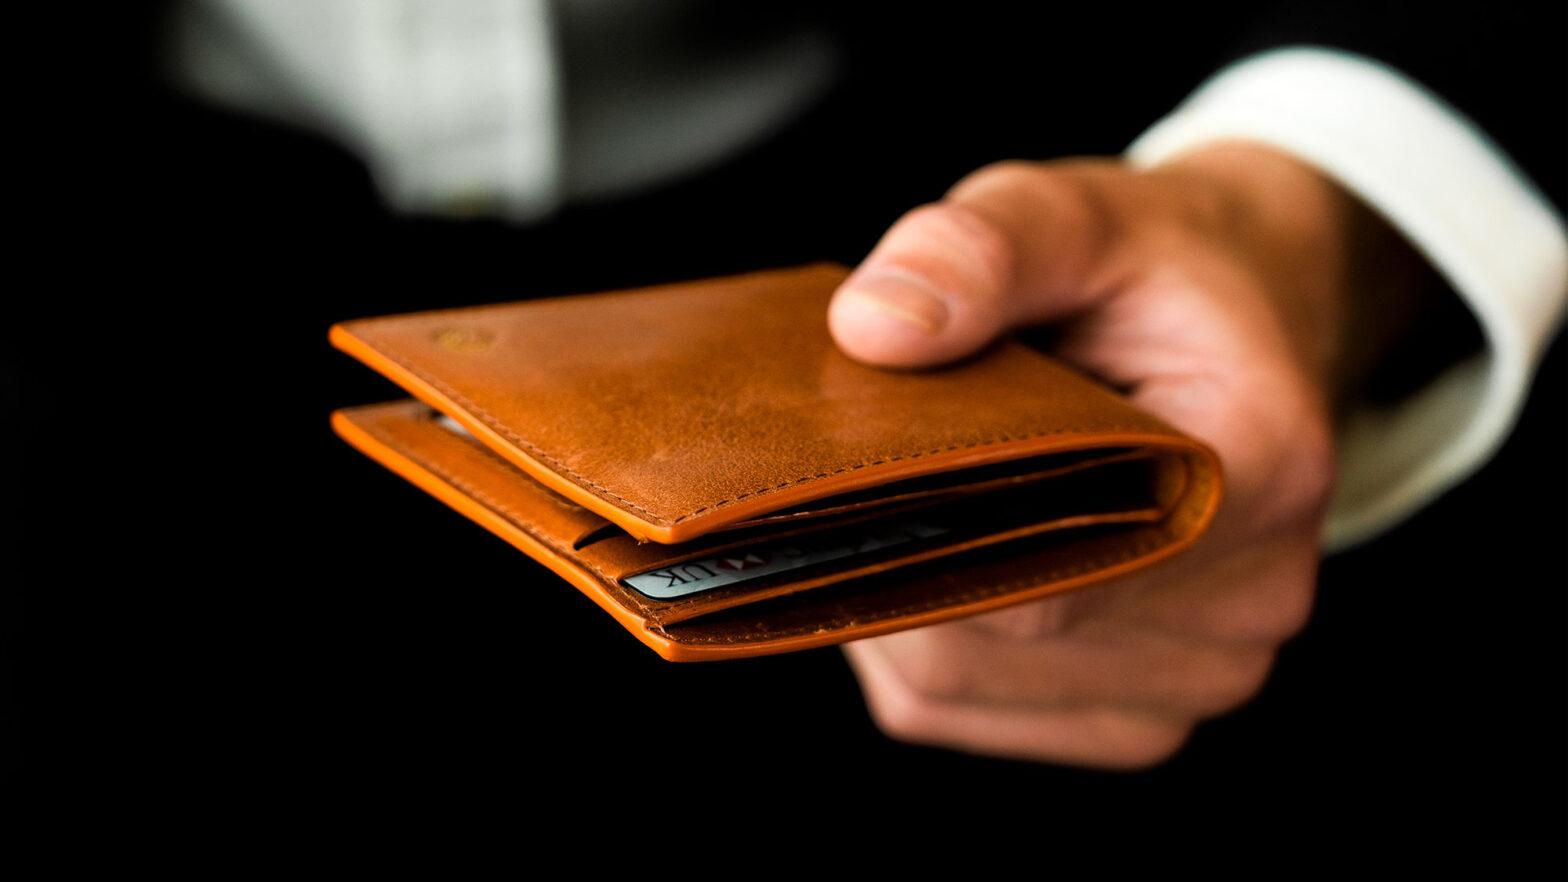 Visivo x ARAMID ARMOUR Billfold Wallet